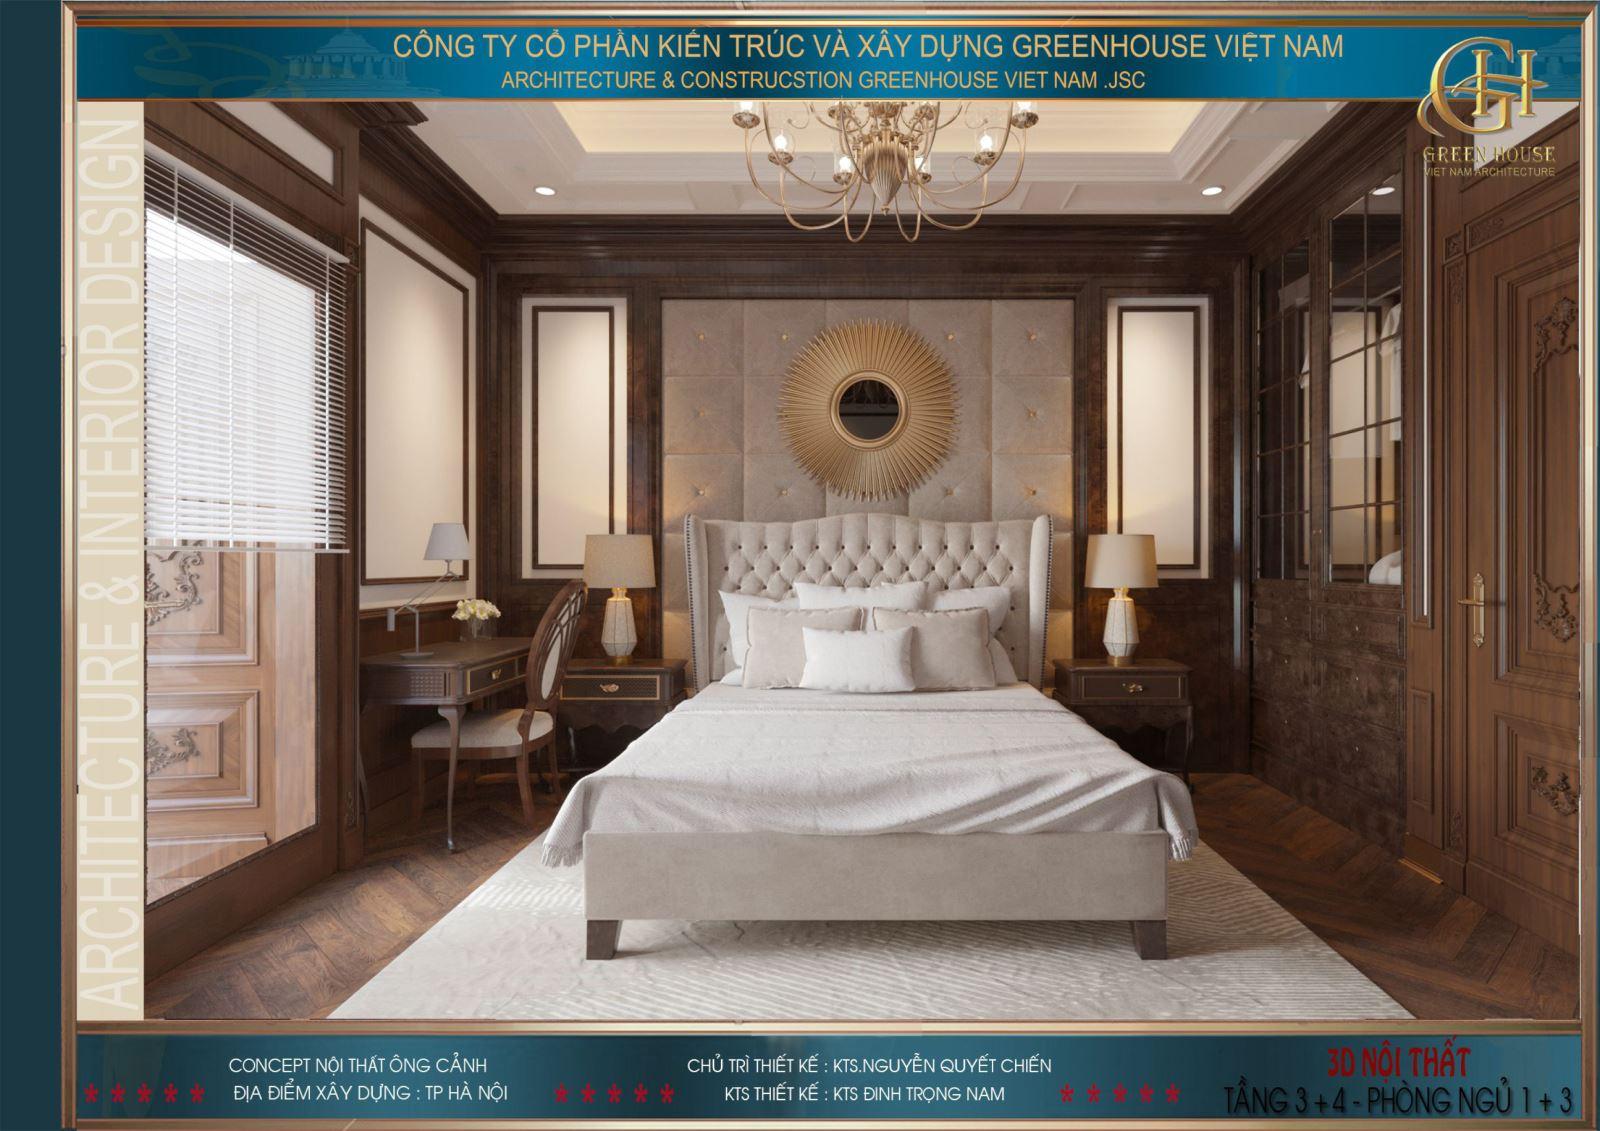 Phòng ngủ hình vuông hoặc hình chữ nhật được cho là tốt nhất, giúp đem lại cảm giác an toàn